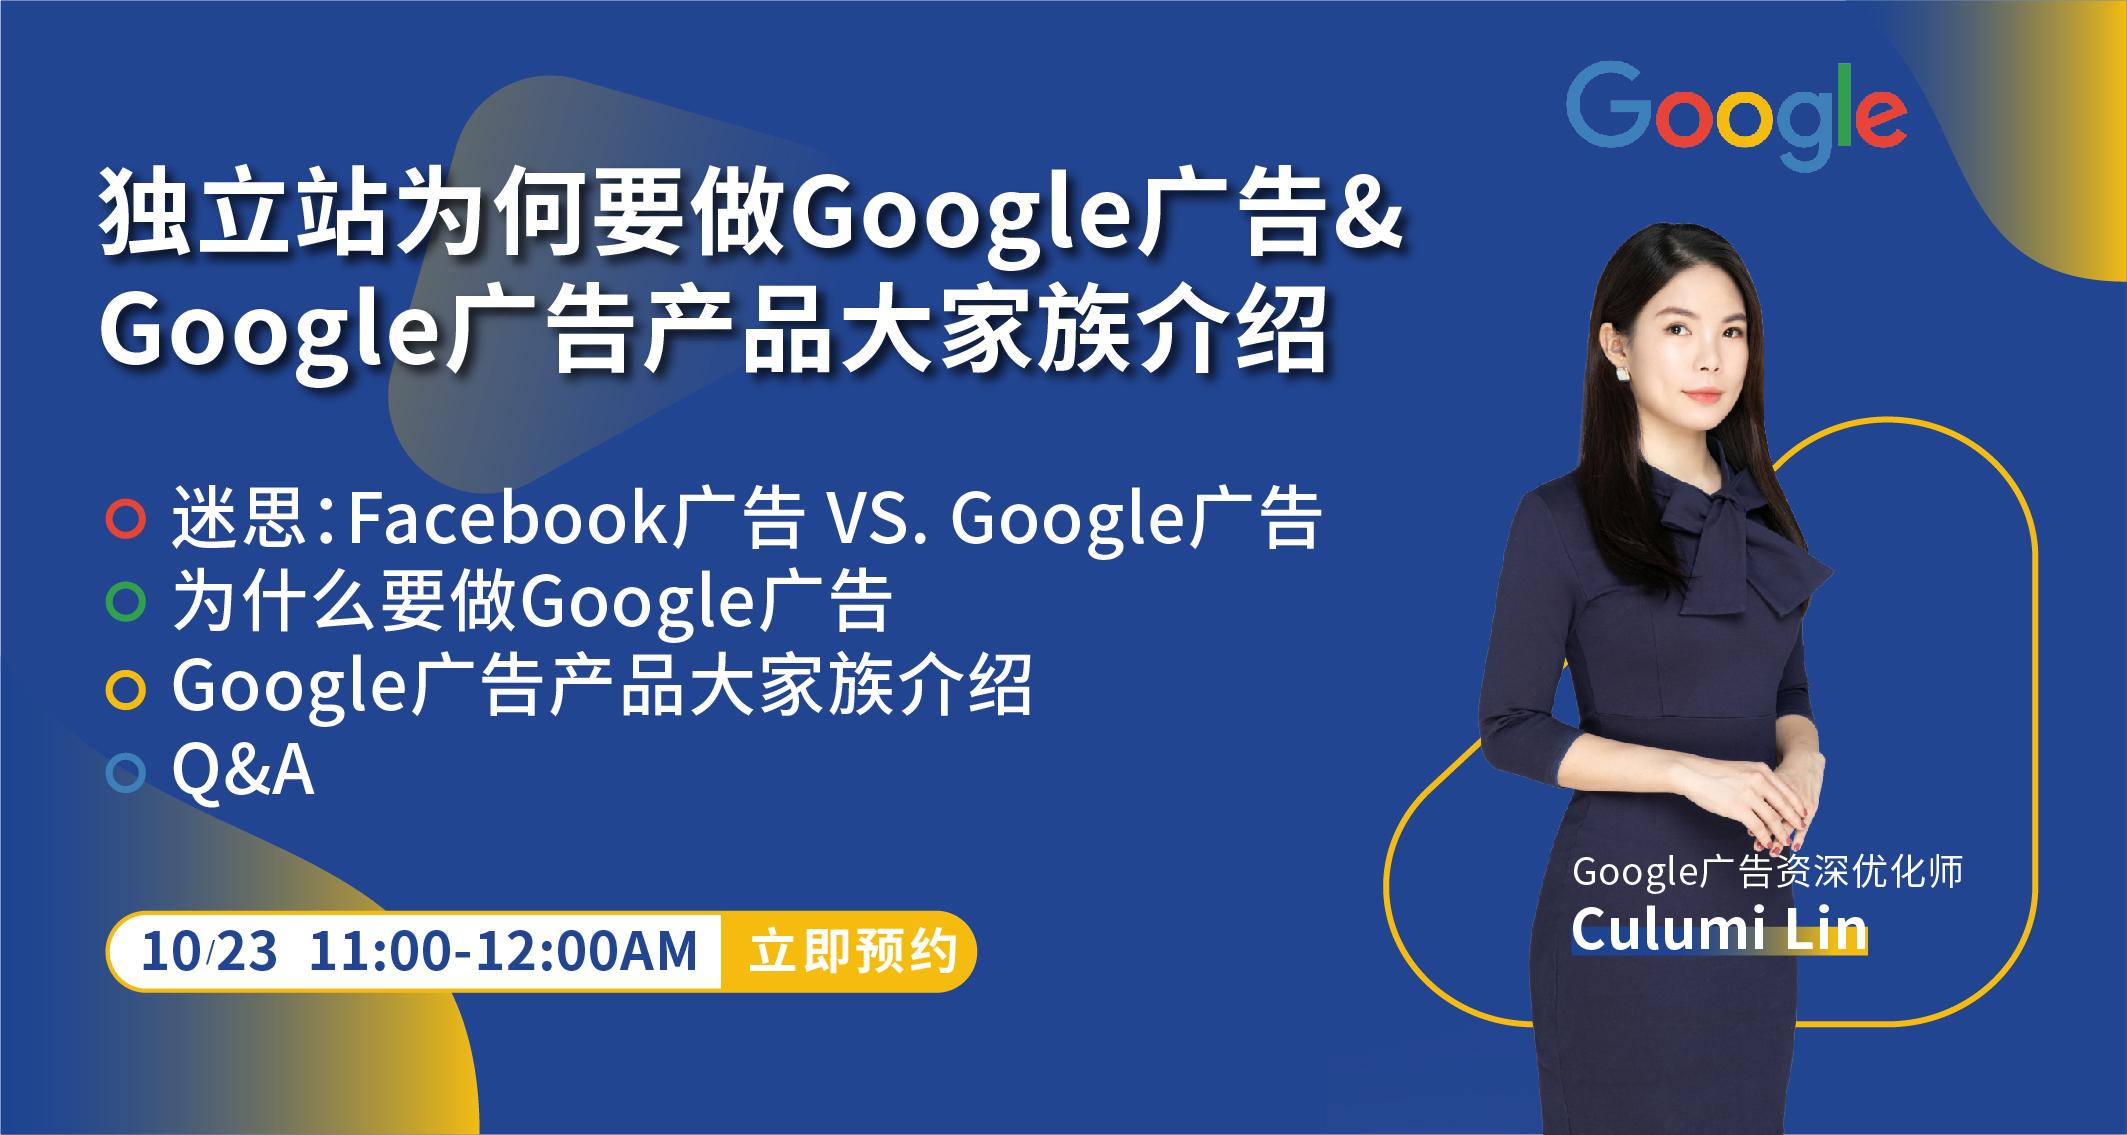 独立站为何要做Google广告&Google广告产品大家族介绍